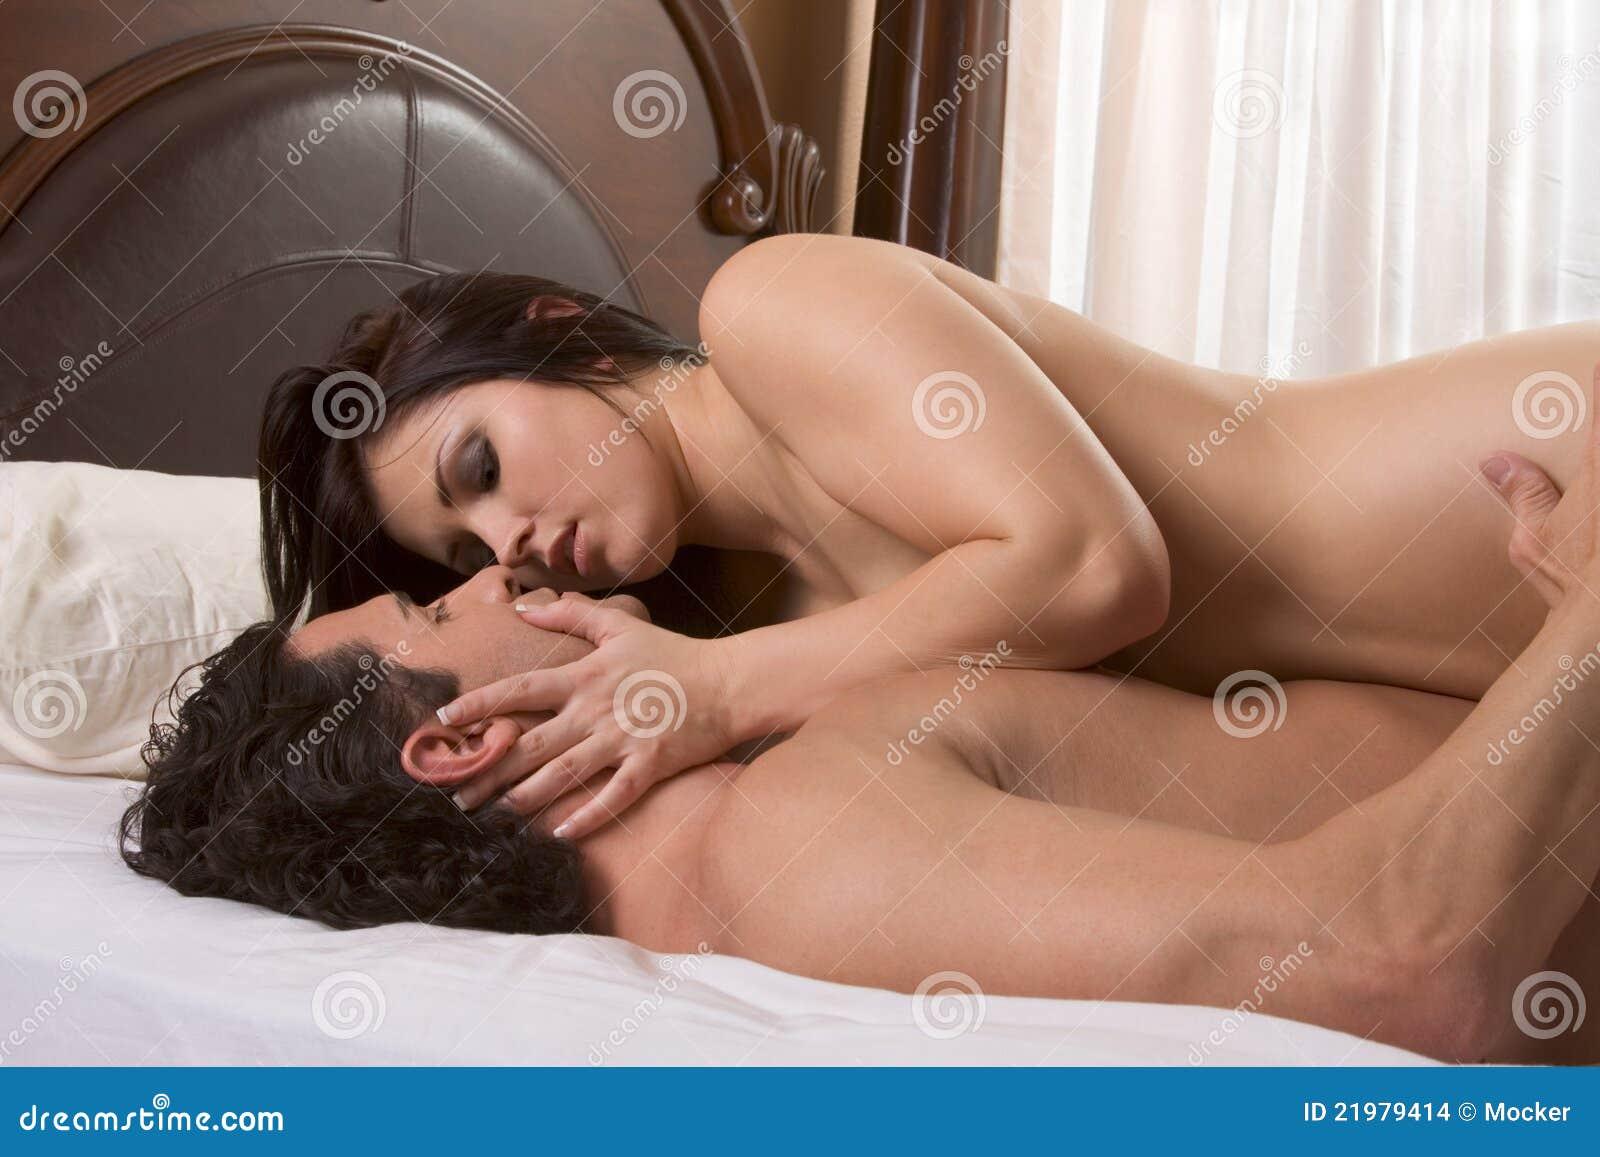 Фото обнаженной пары в постели 3 фотография